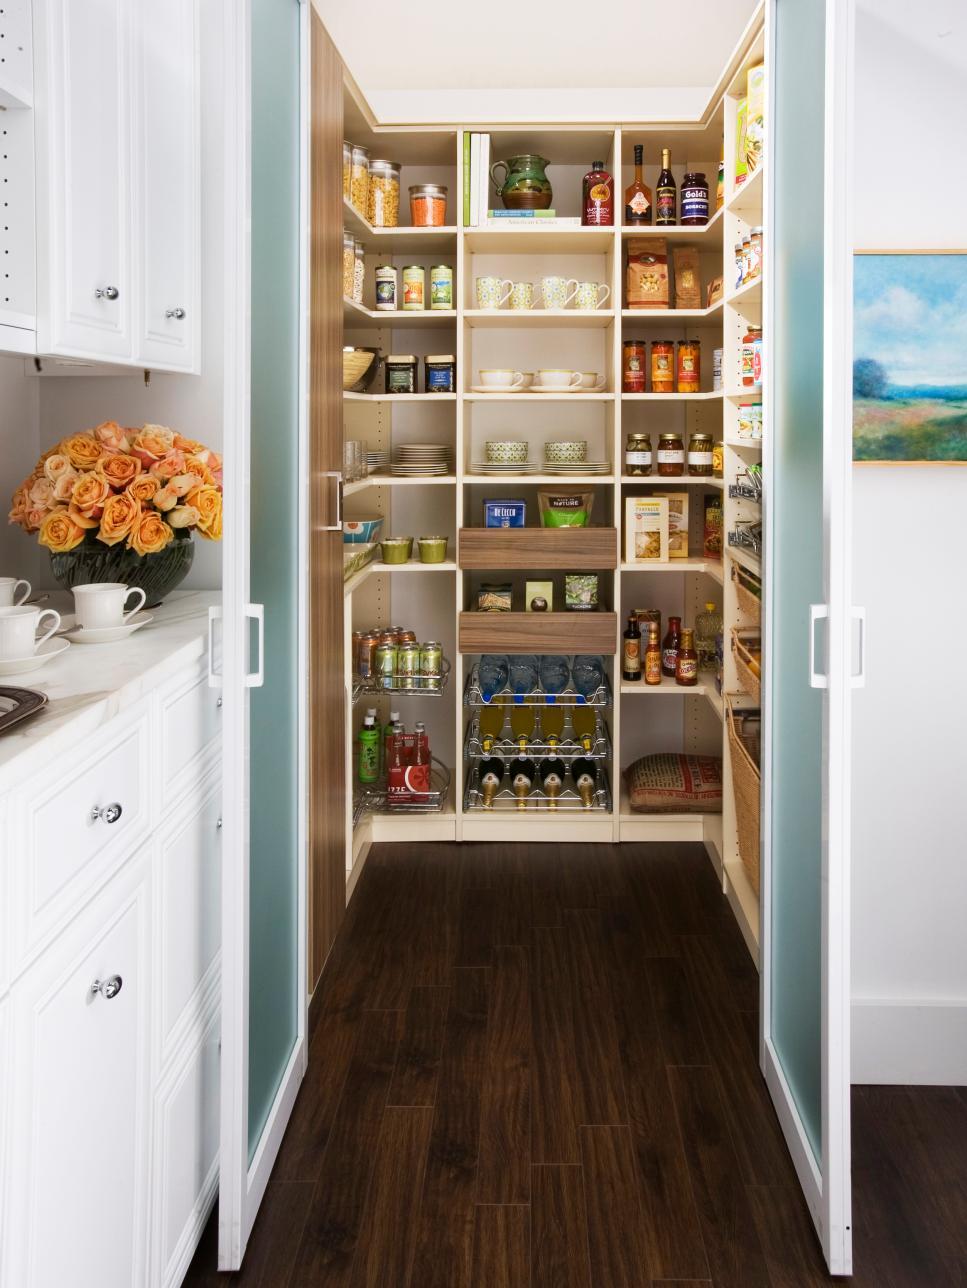 Amazing Kitchen Storage Ideas | HGTV kitchen cabinet shelving ideas